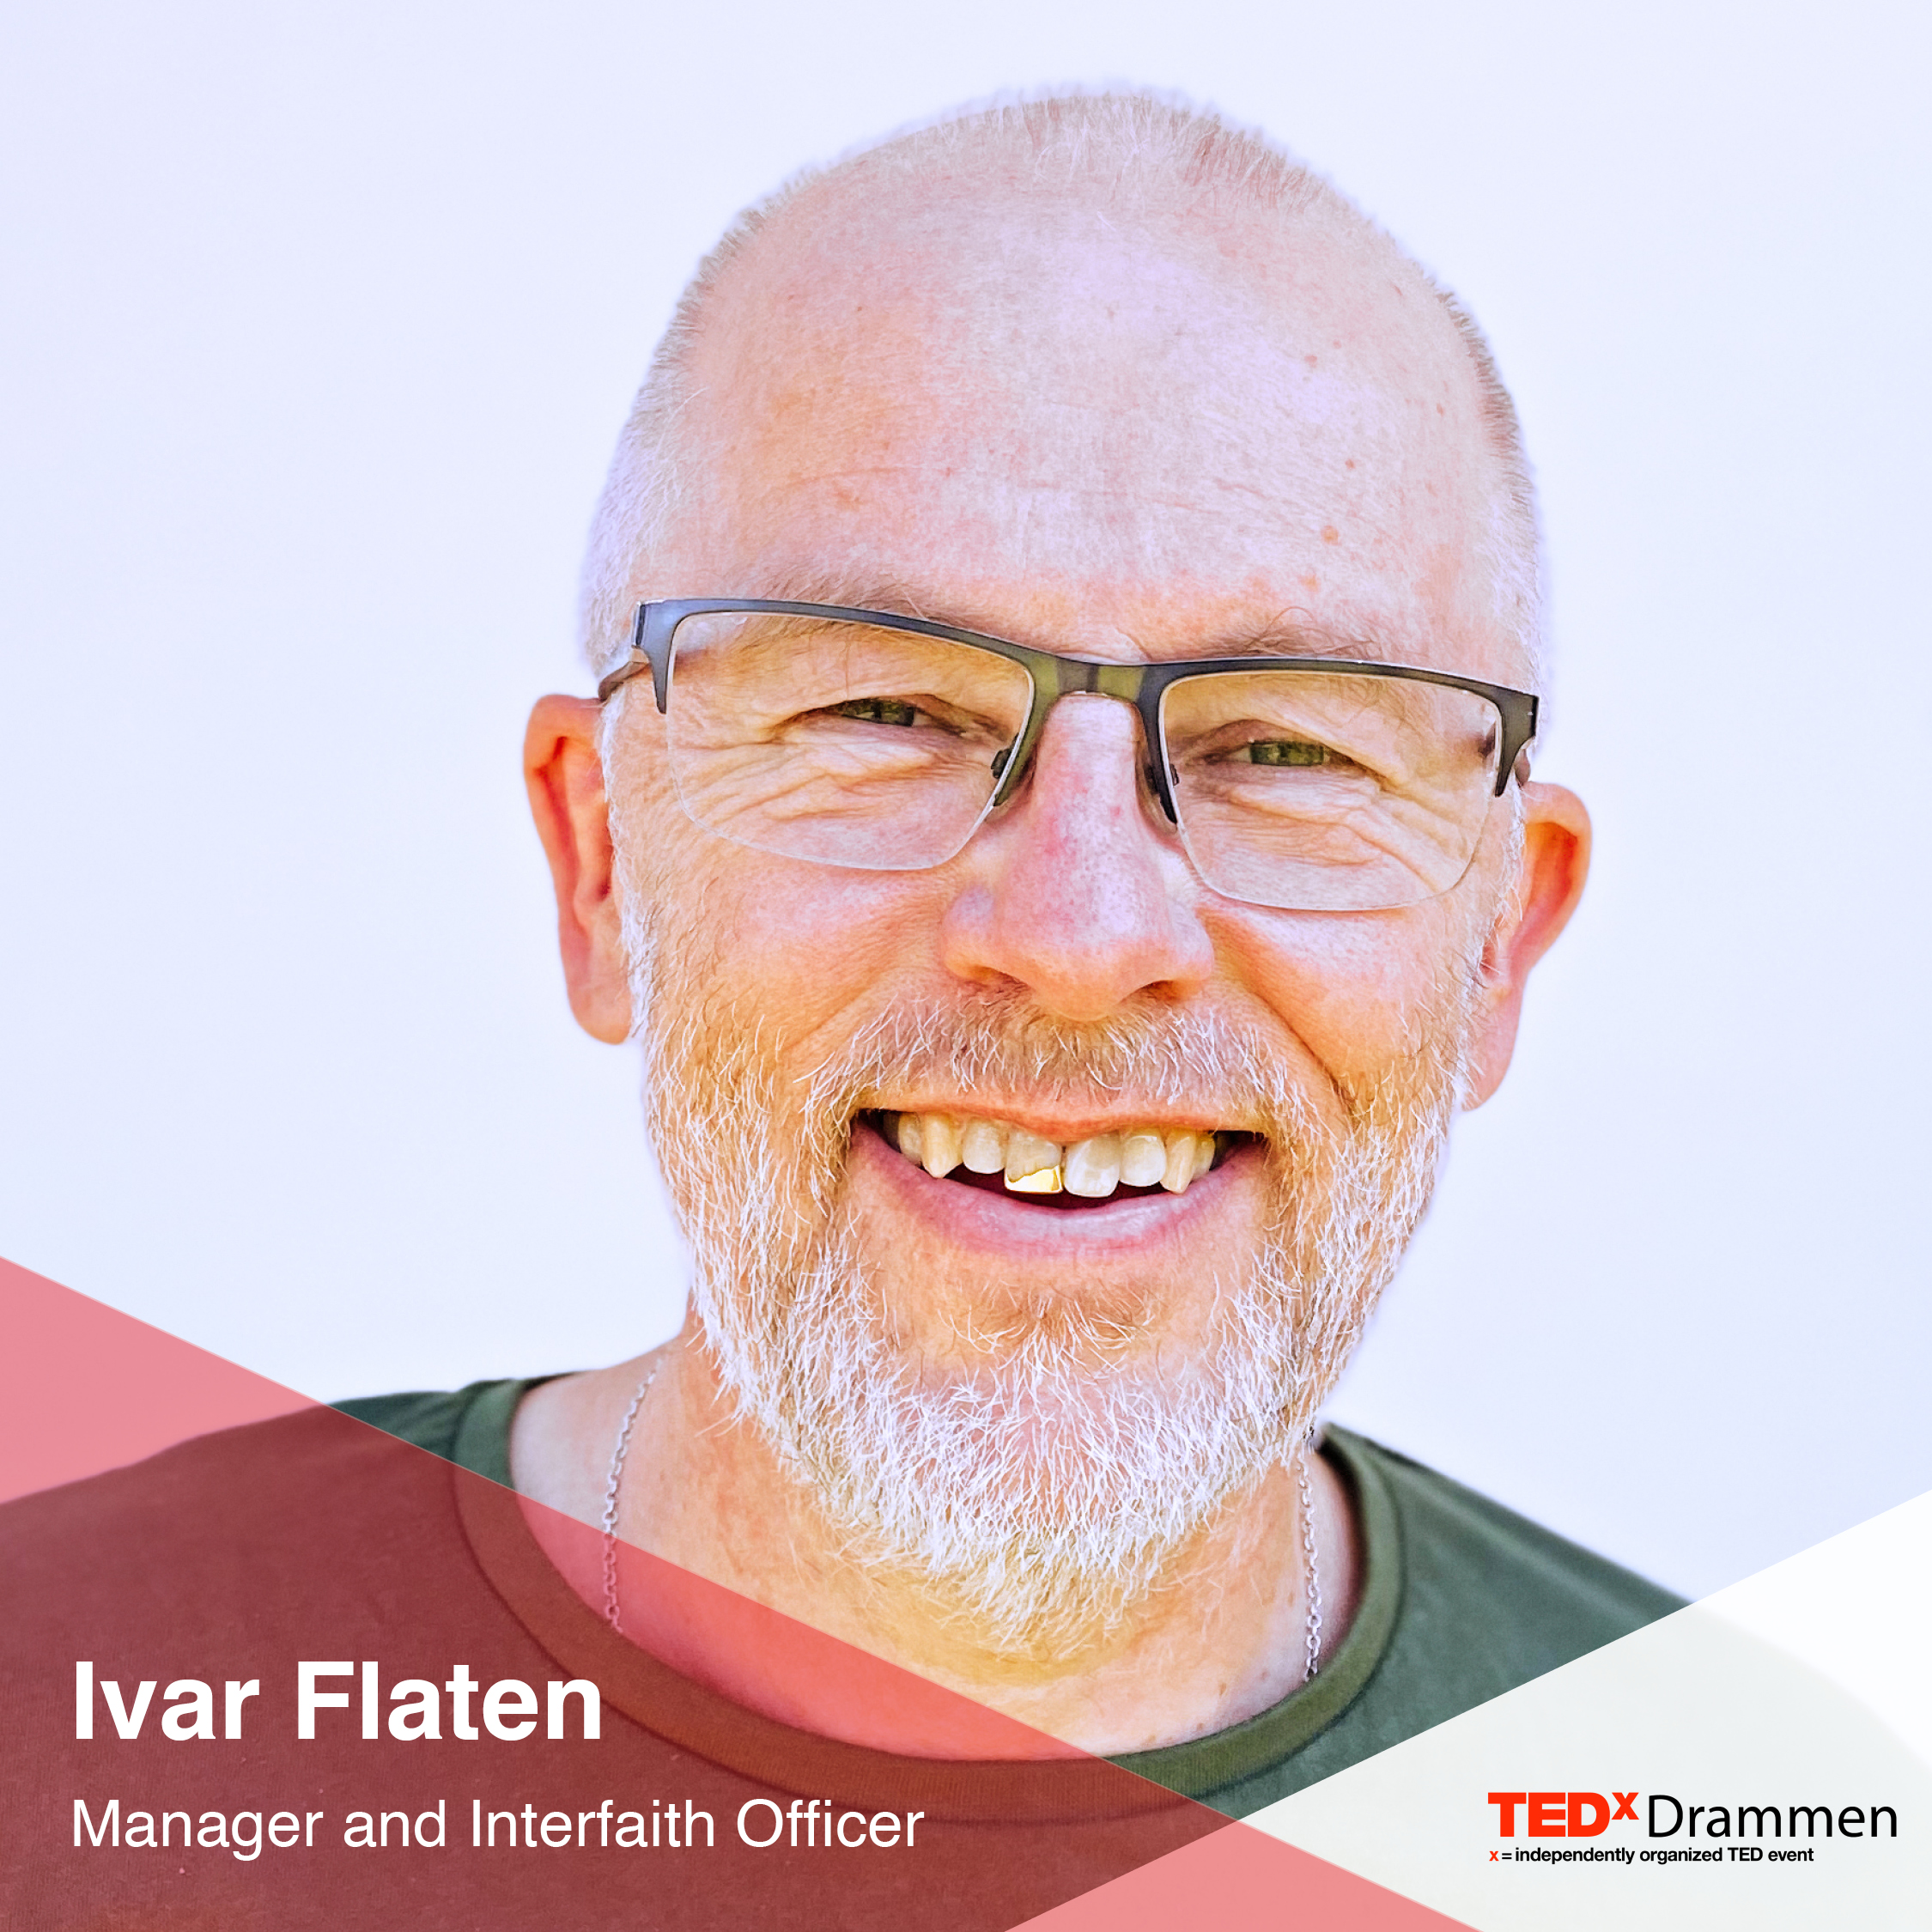 Ivar Flaten